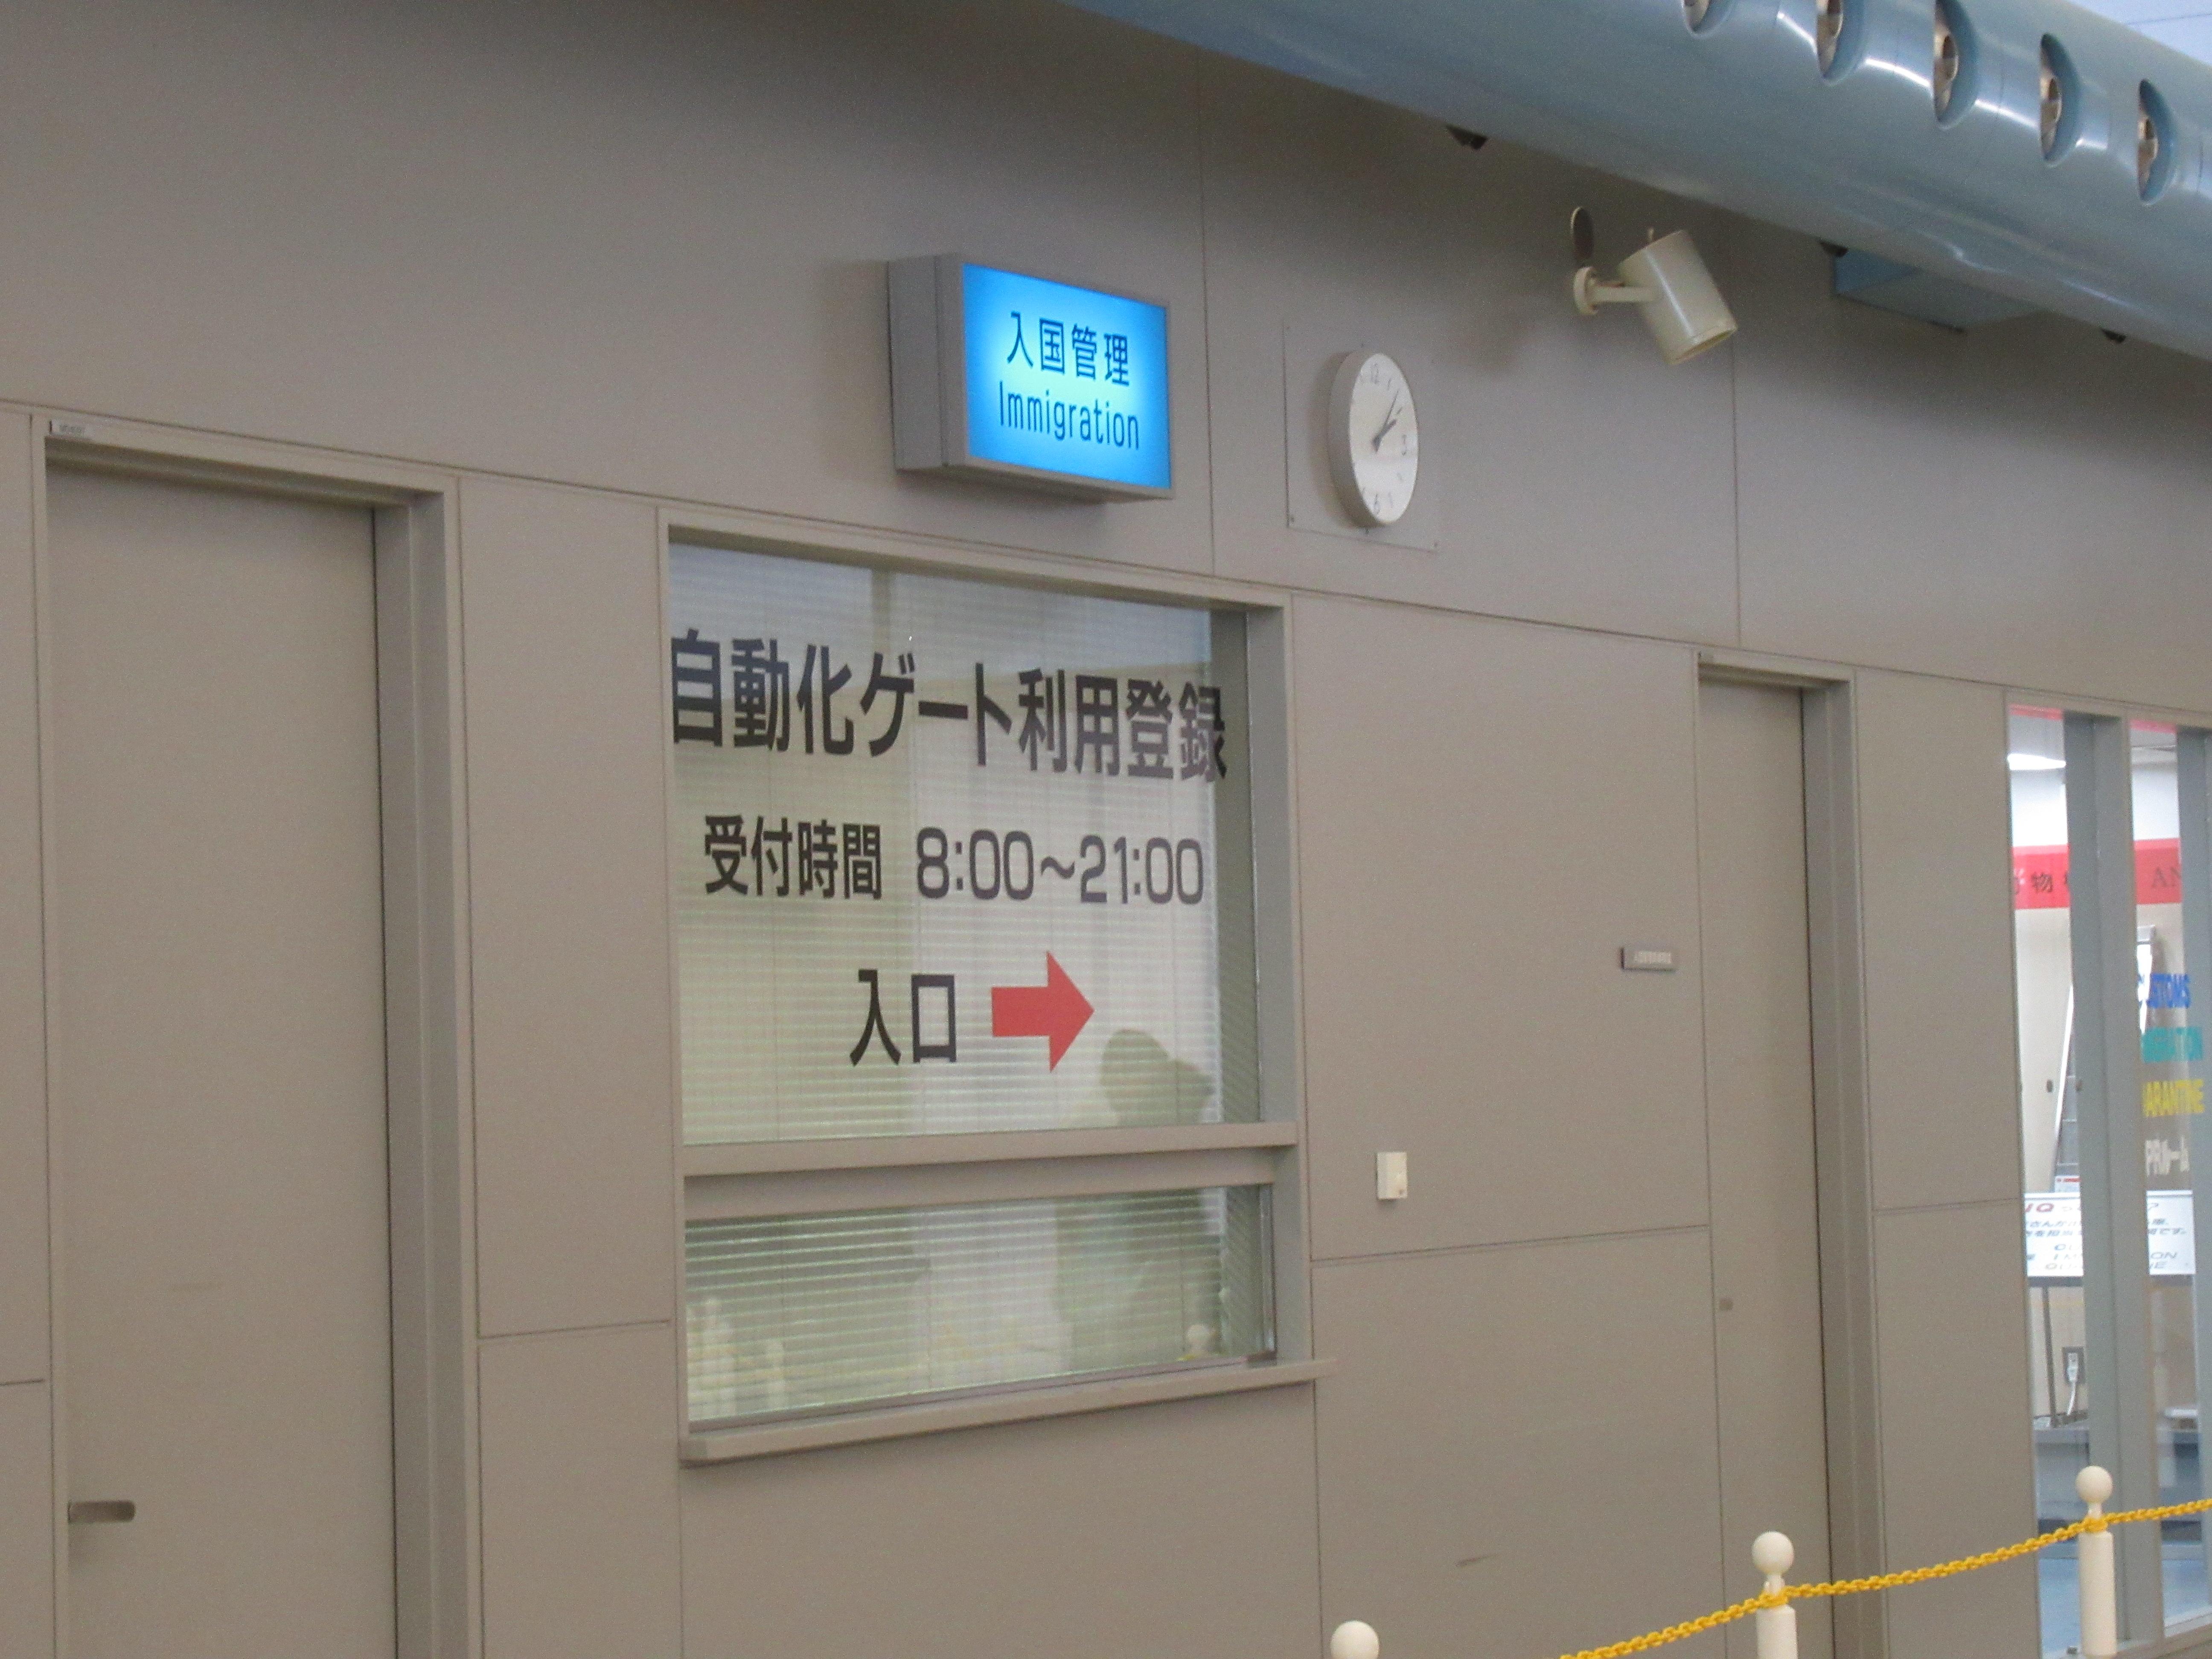 関西国際空港でパスポートの指紋認証登録の場所☆登録のメリットは?